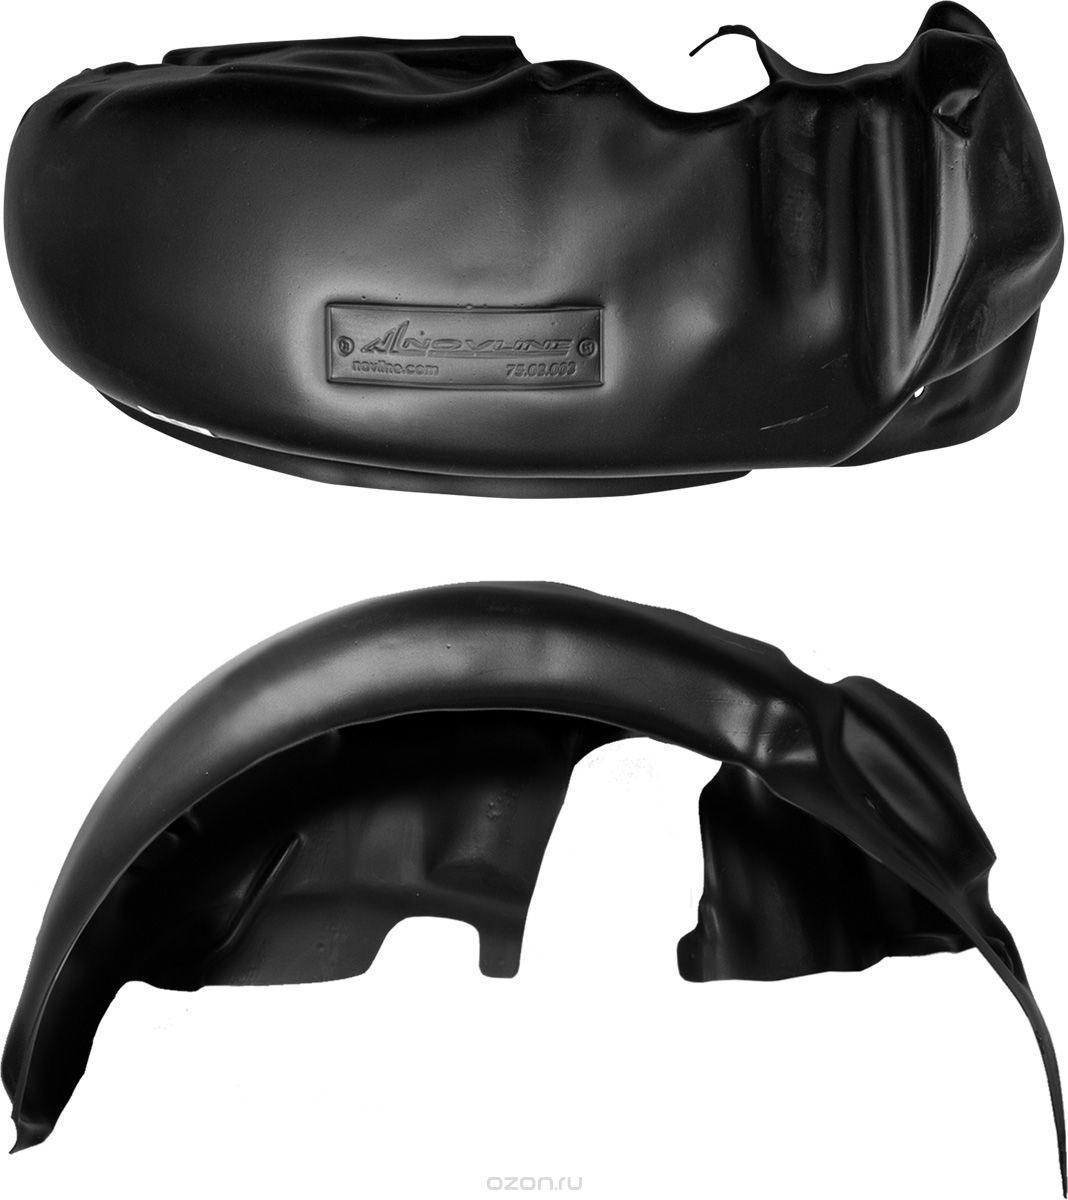 Подкрылок Novline-Autofamily, для Peugeot 4007, 2007-2012, задний левыйNLL.38.10.003Идеальная защита колесной ниши. Локеры разработаны с применением цифровых технологий, гарантируют максимальную повторяемость поверхности арки. Изделия устанавливаются без нарушения лакокрасочного покрытия автомобиля, каждый подкрылок комплектуется крепежом. Уважаемые клиенты, обращаем ваше внимание, что фотографии на подкрылки универсальные и не отражают реальную форму изделия. При этом само изделие идет точно под размер указанного автомобиля.